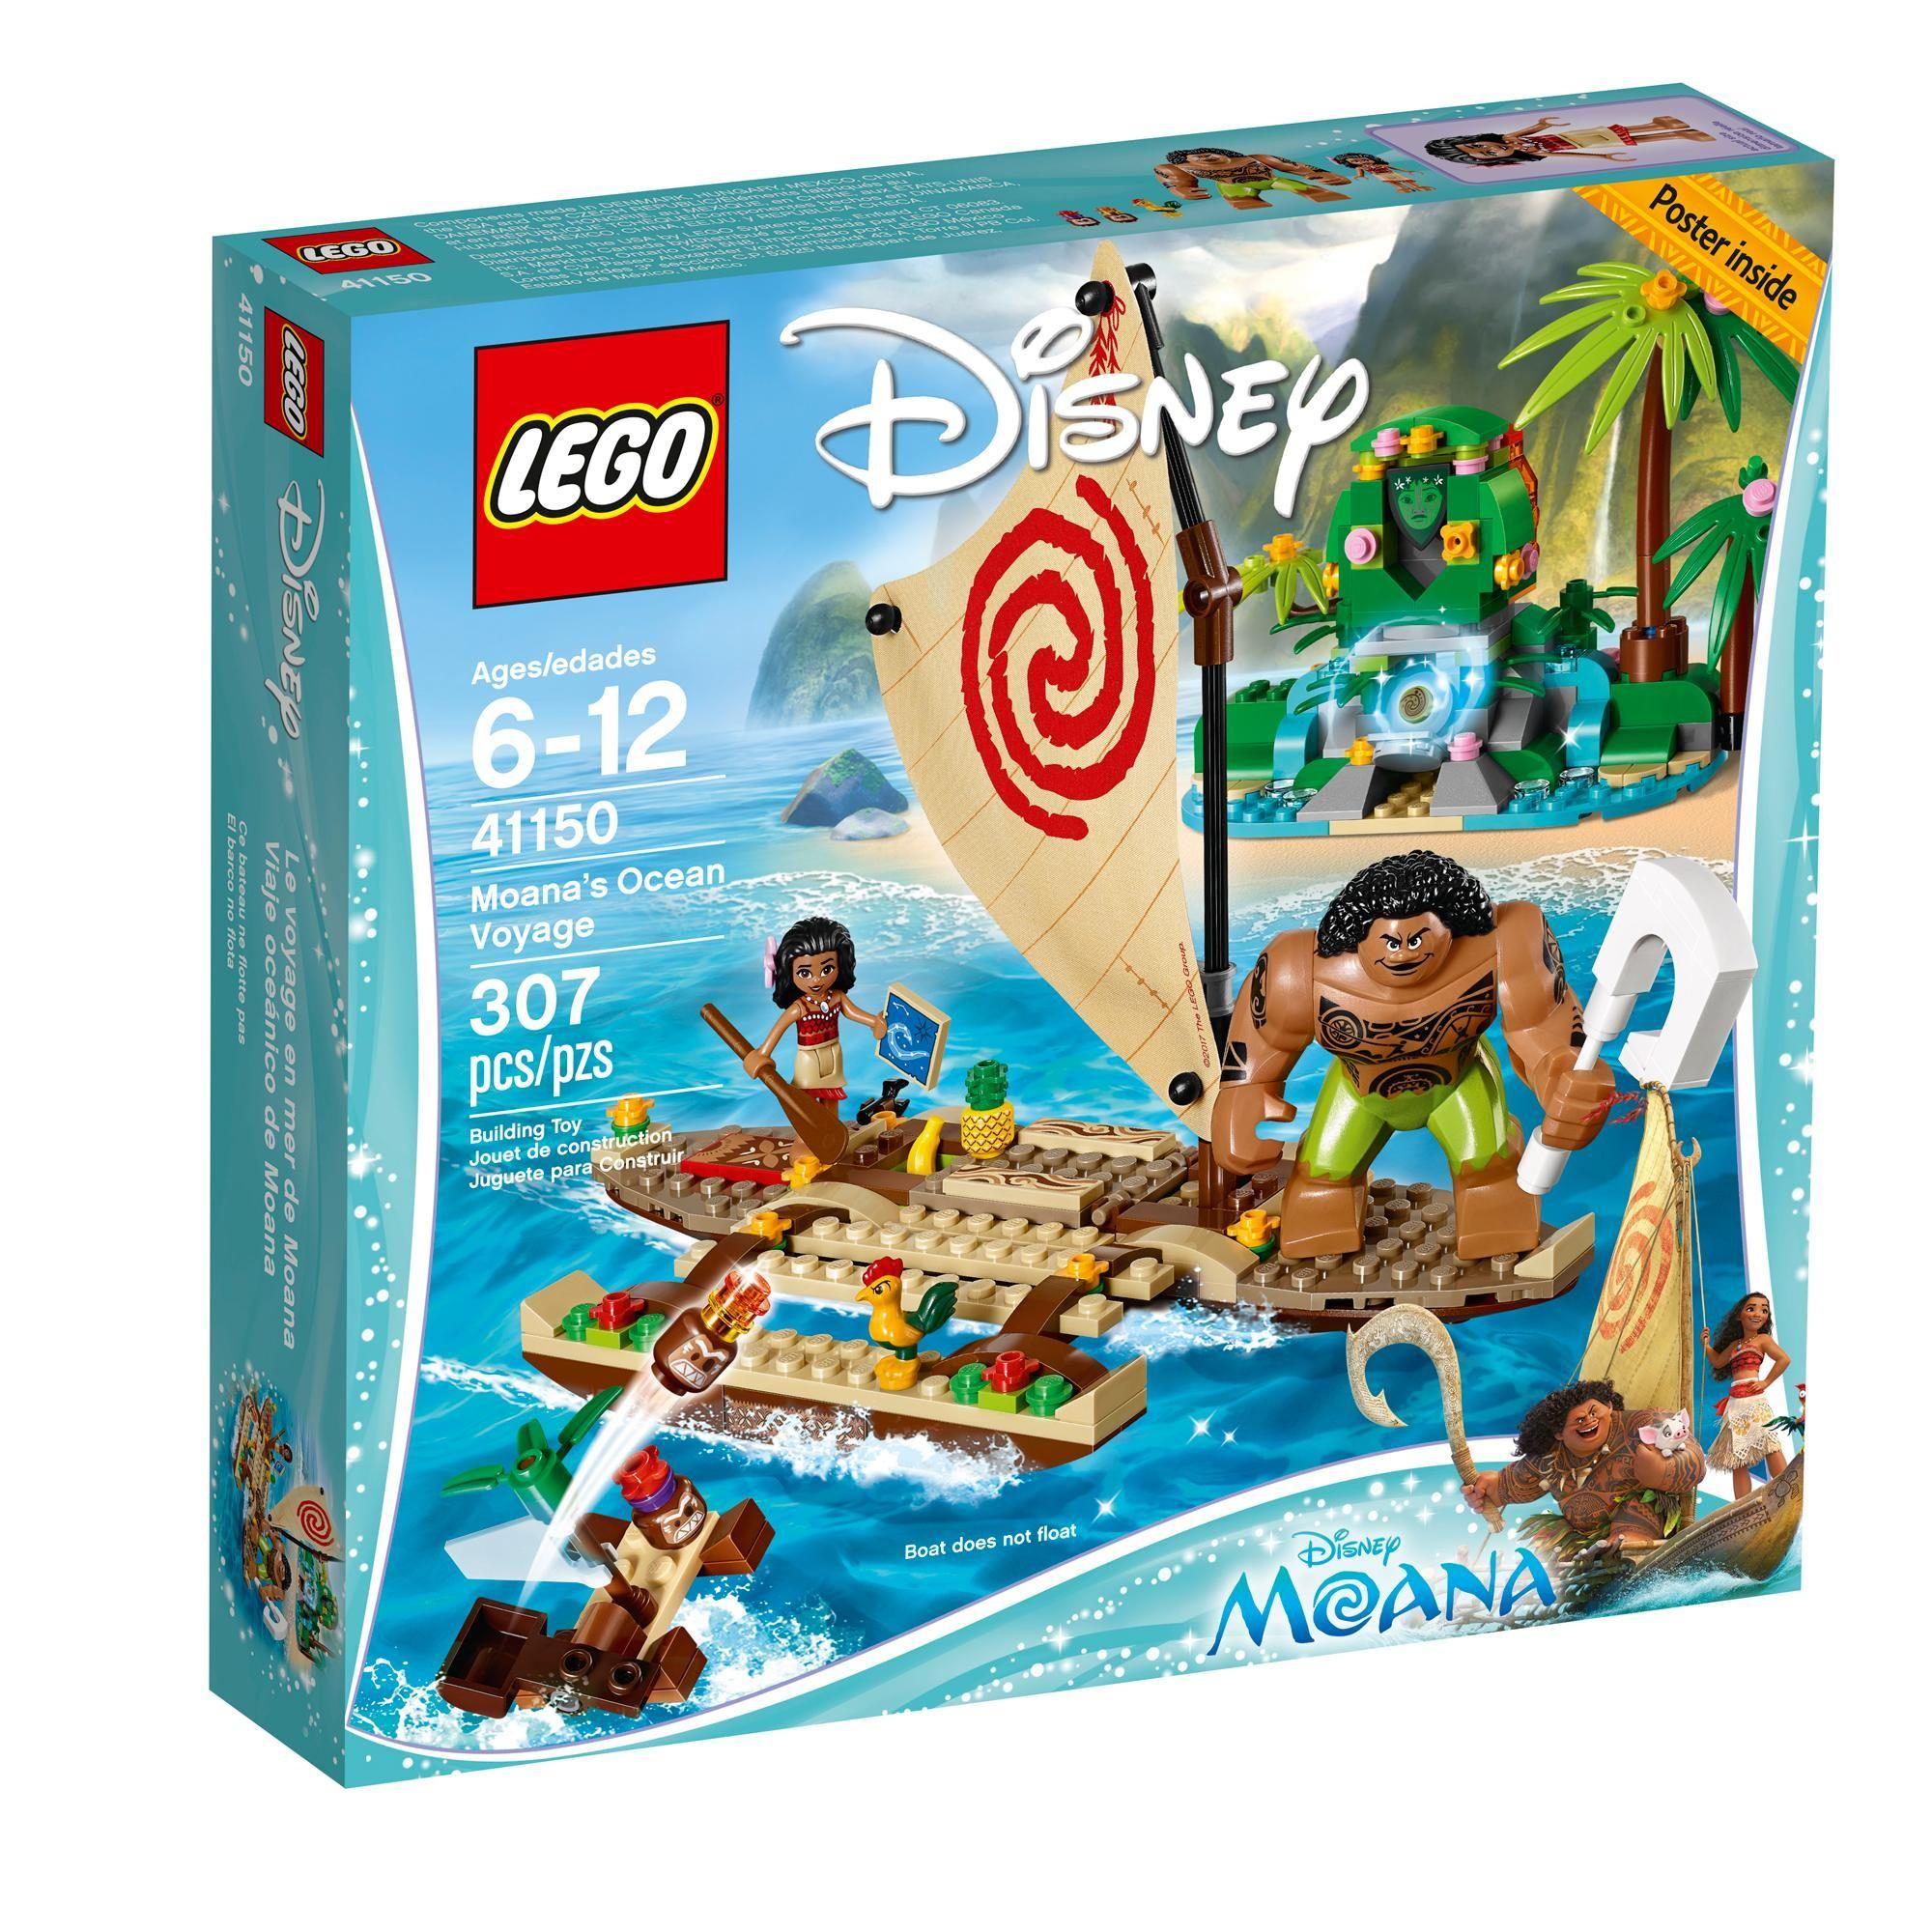 LEGO Disney Moana s Ocean Voyage I LOVE LEGOS